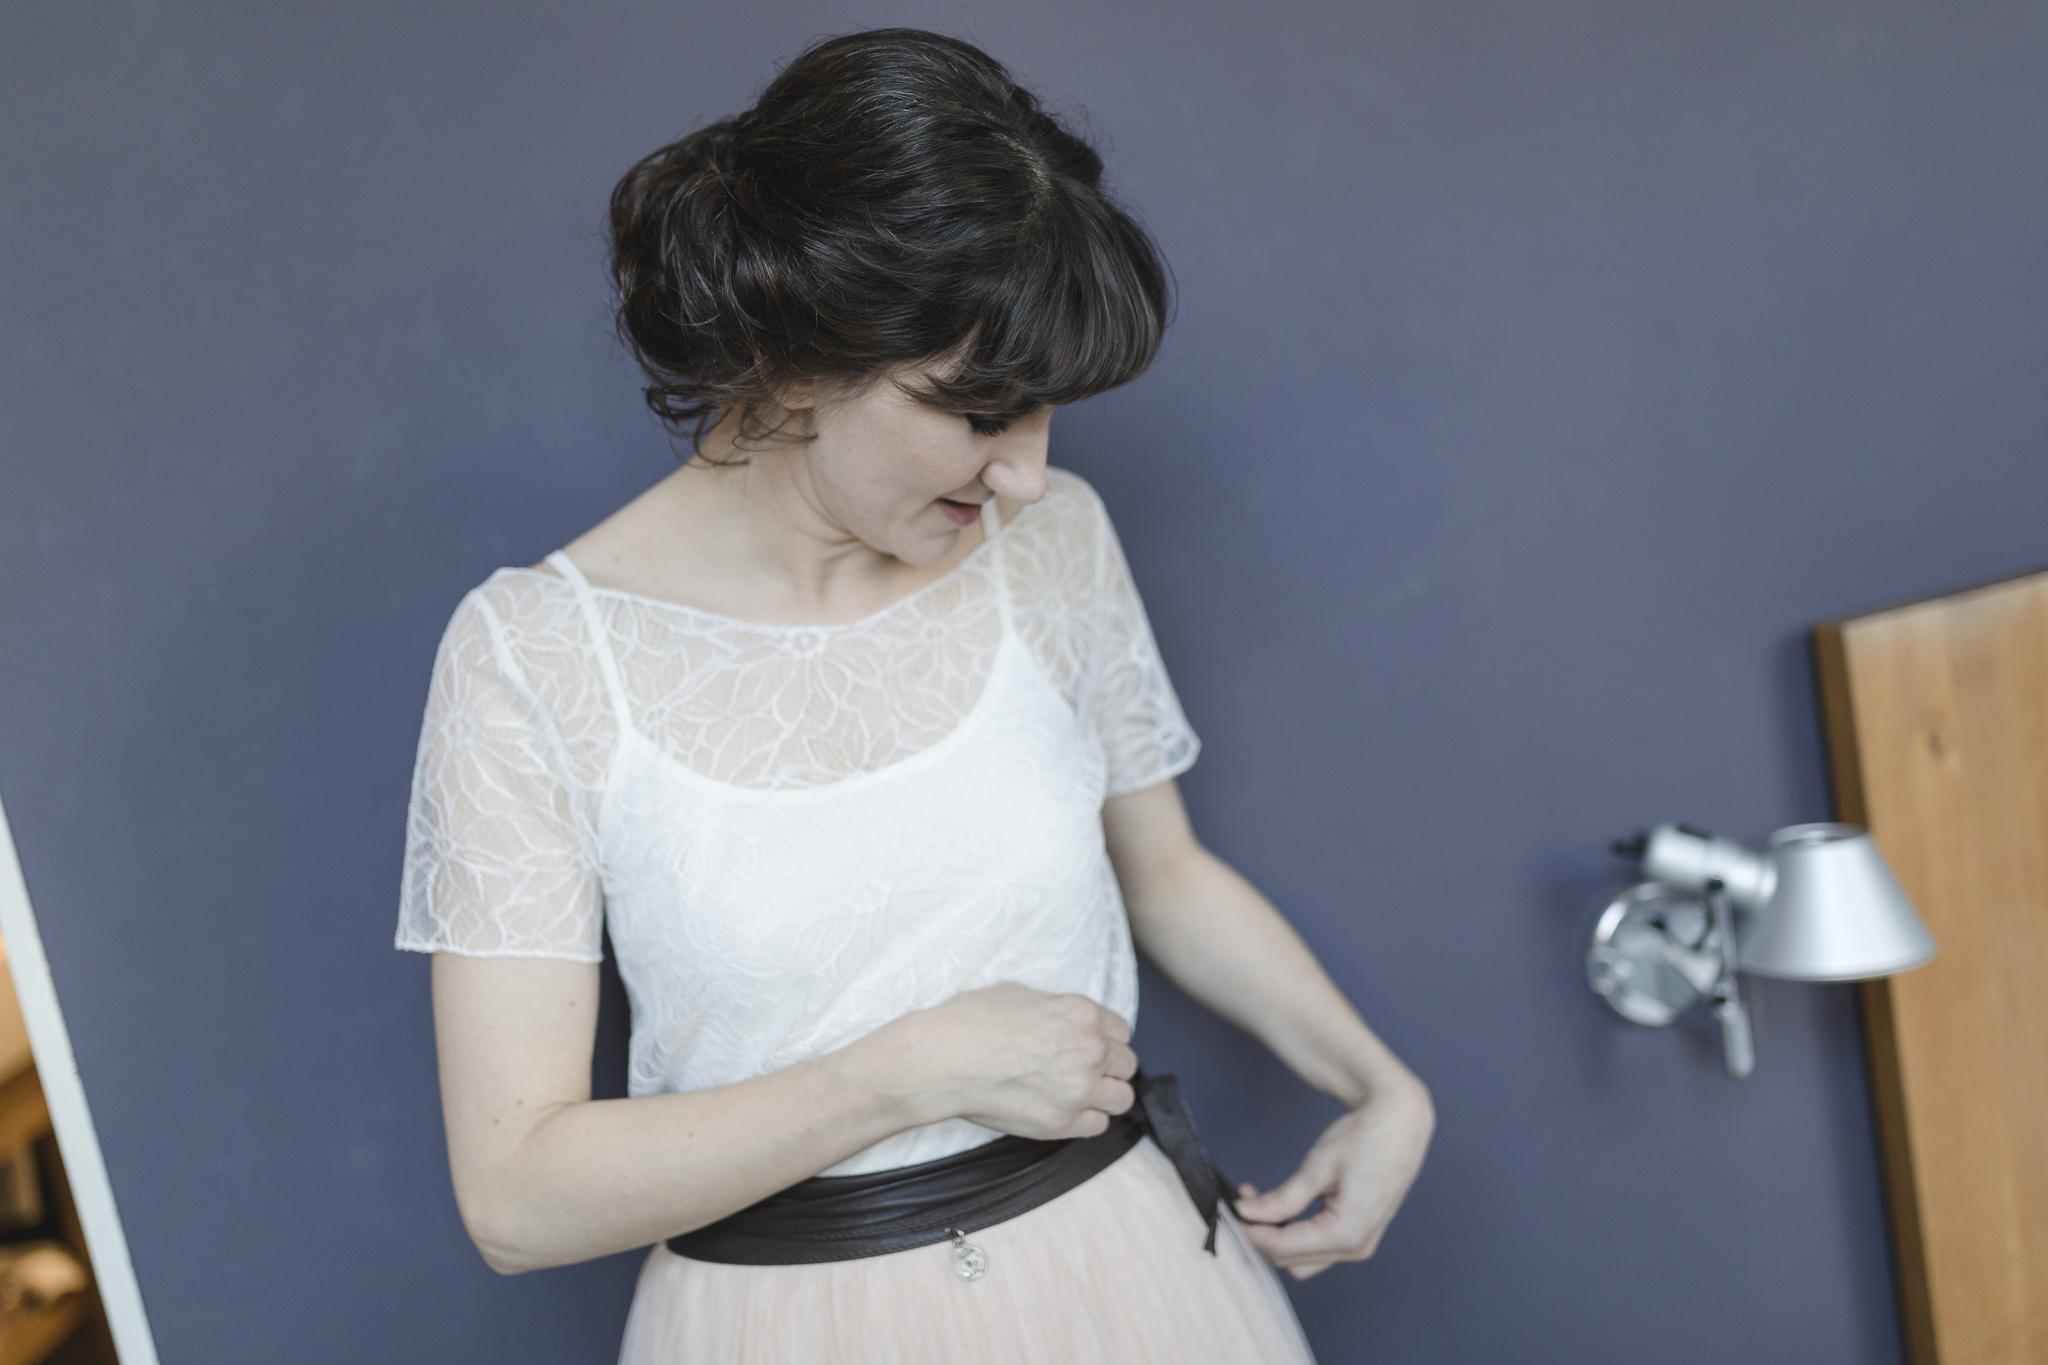 Hochzeit in Hamburg - Braut bindet ihren Gürtel